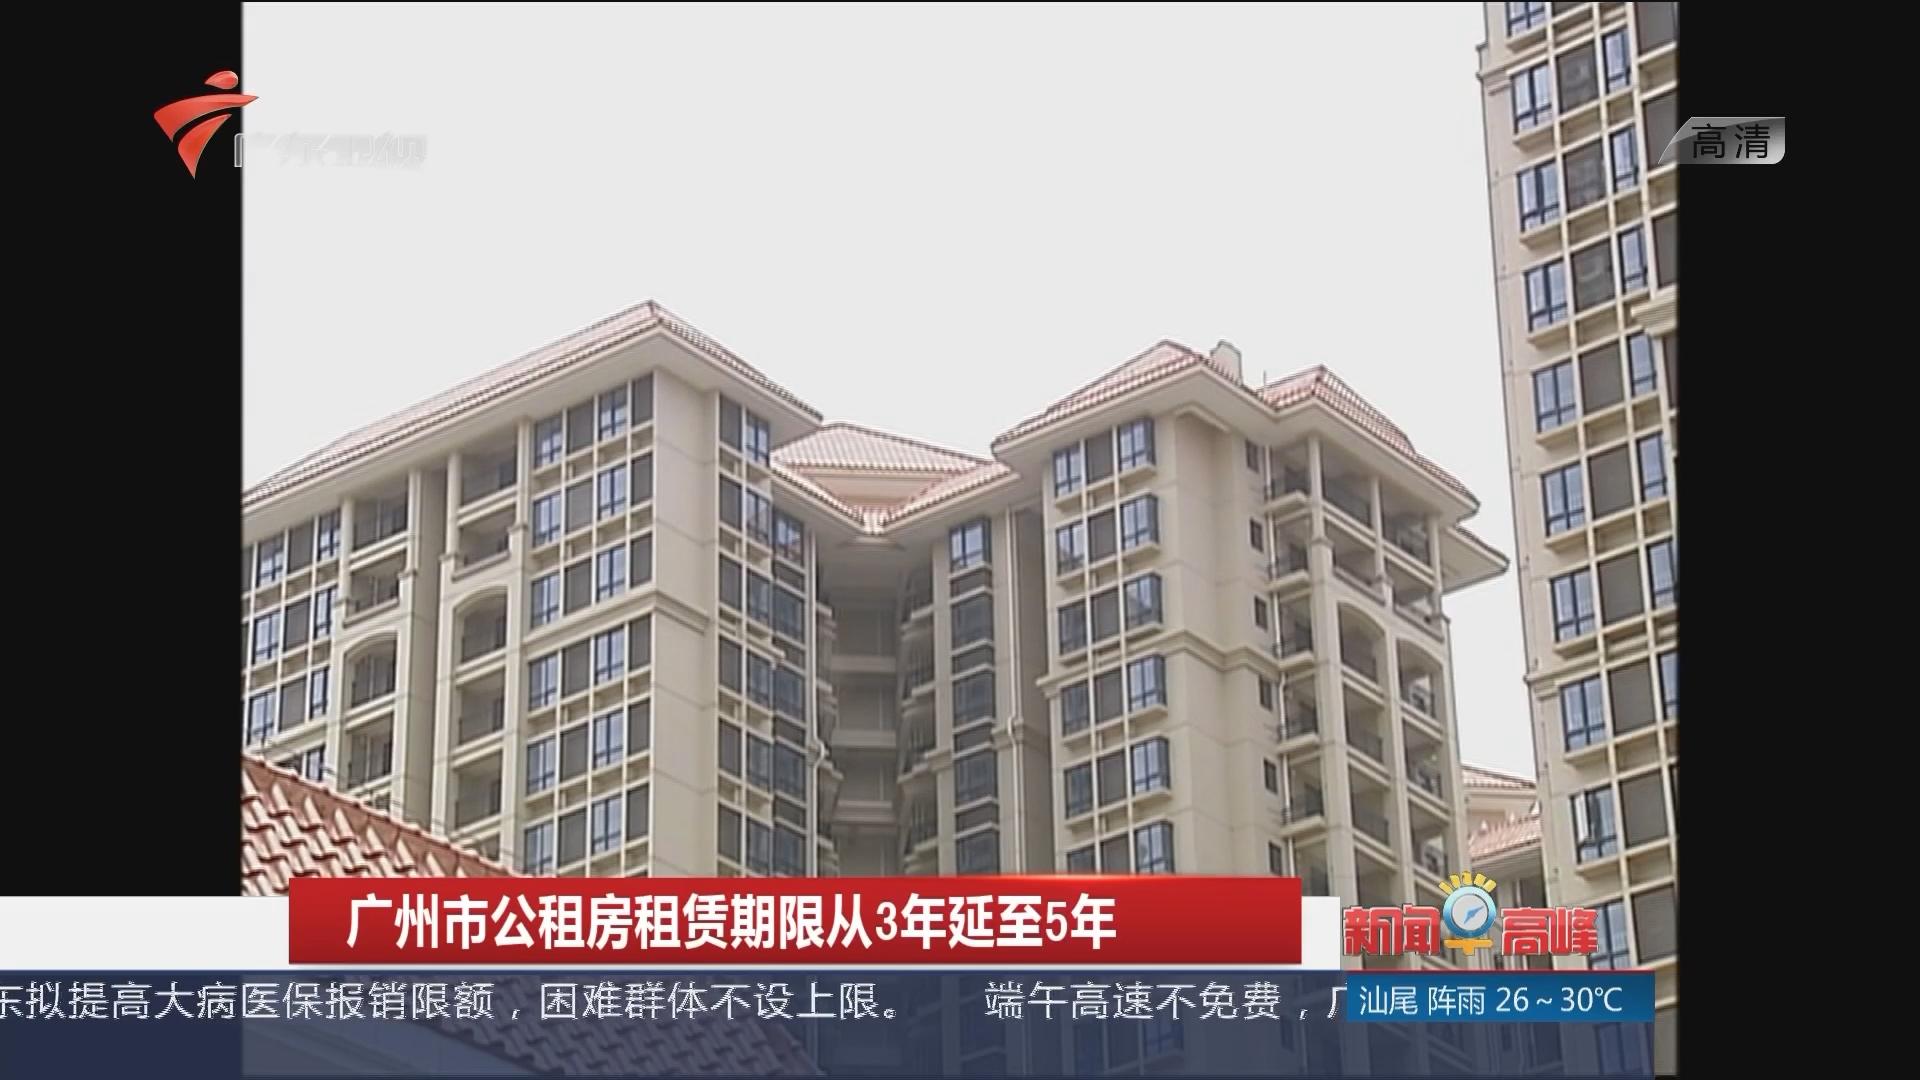 州市公租_广州市公租房租赁期限从3年延至5年